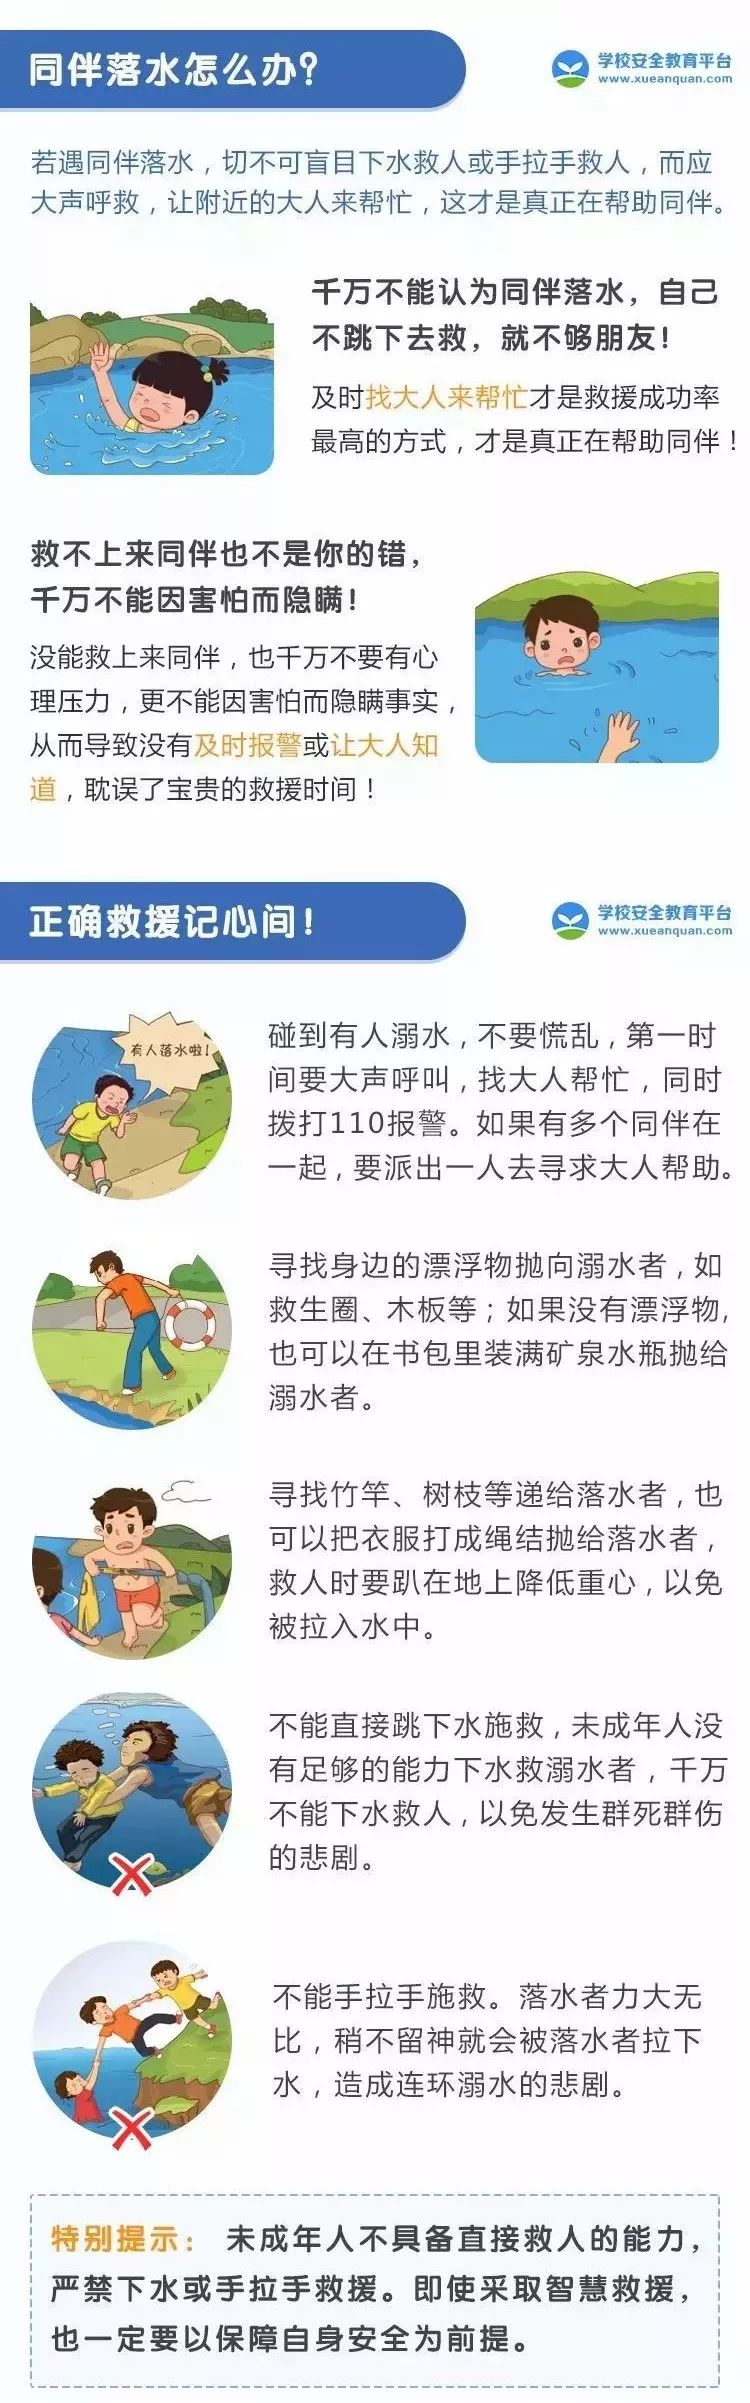 中使馆连续3天提醒中国公民勿从这口岸入境,为何?